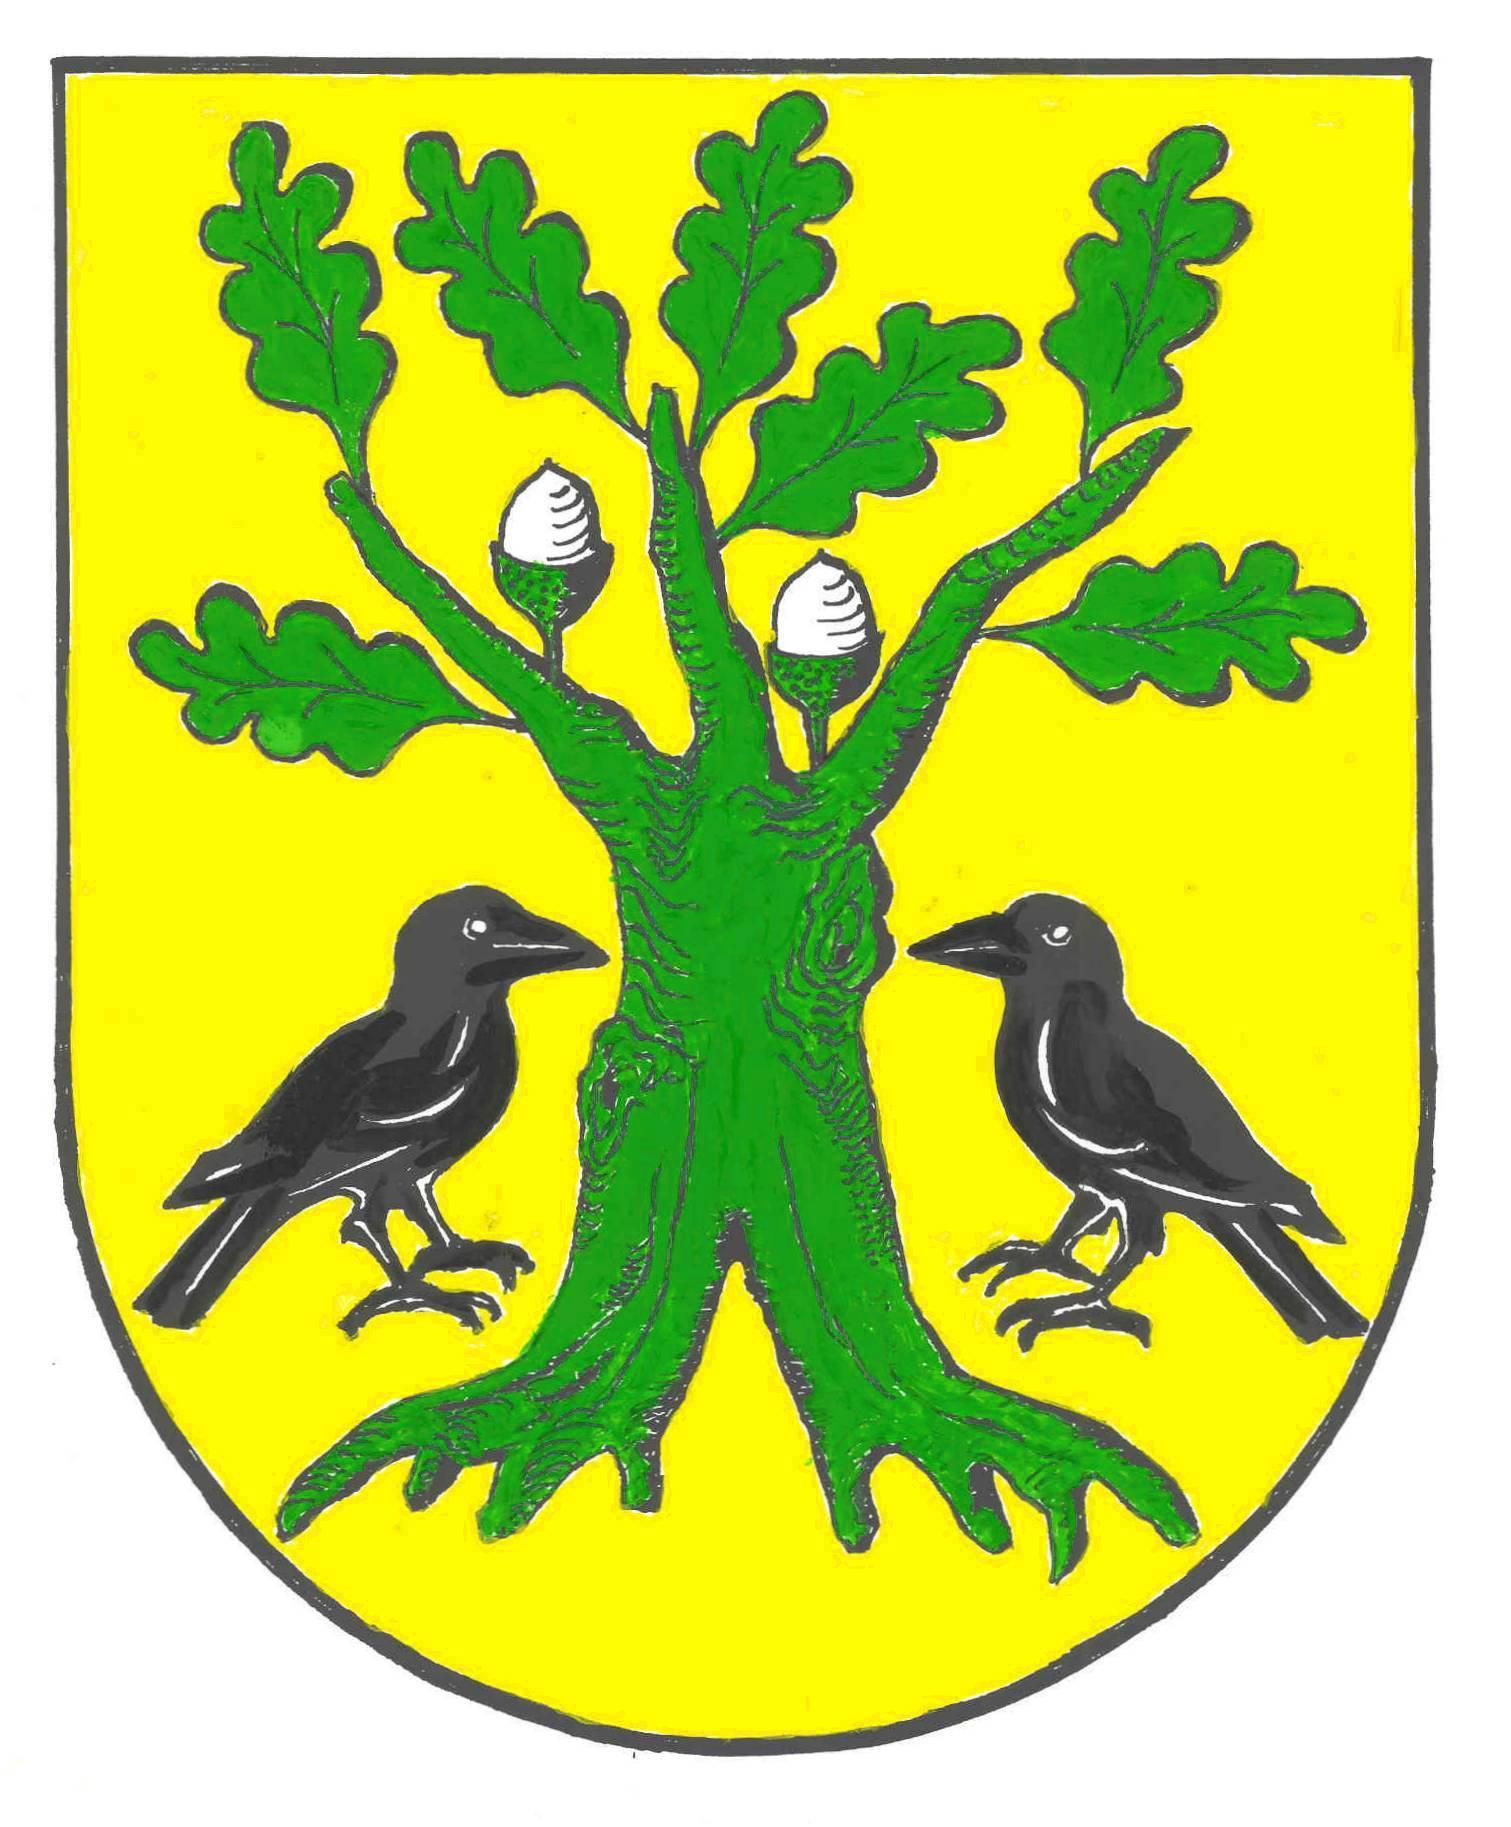 Wappen GemeindeRabenkirchen-Faulück, Kreis Schleswig-Flensburg